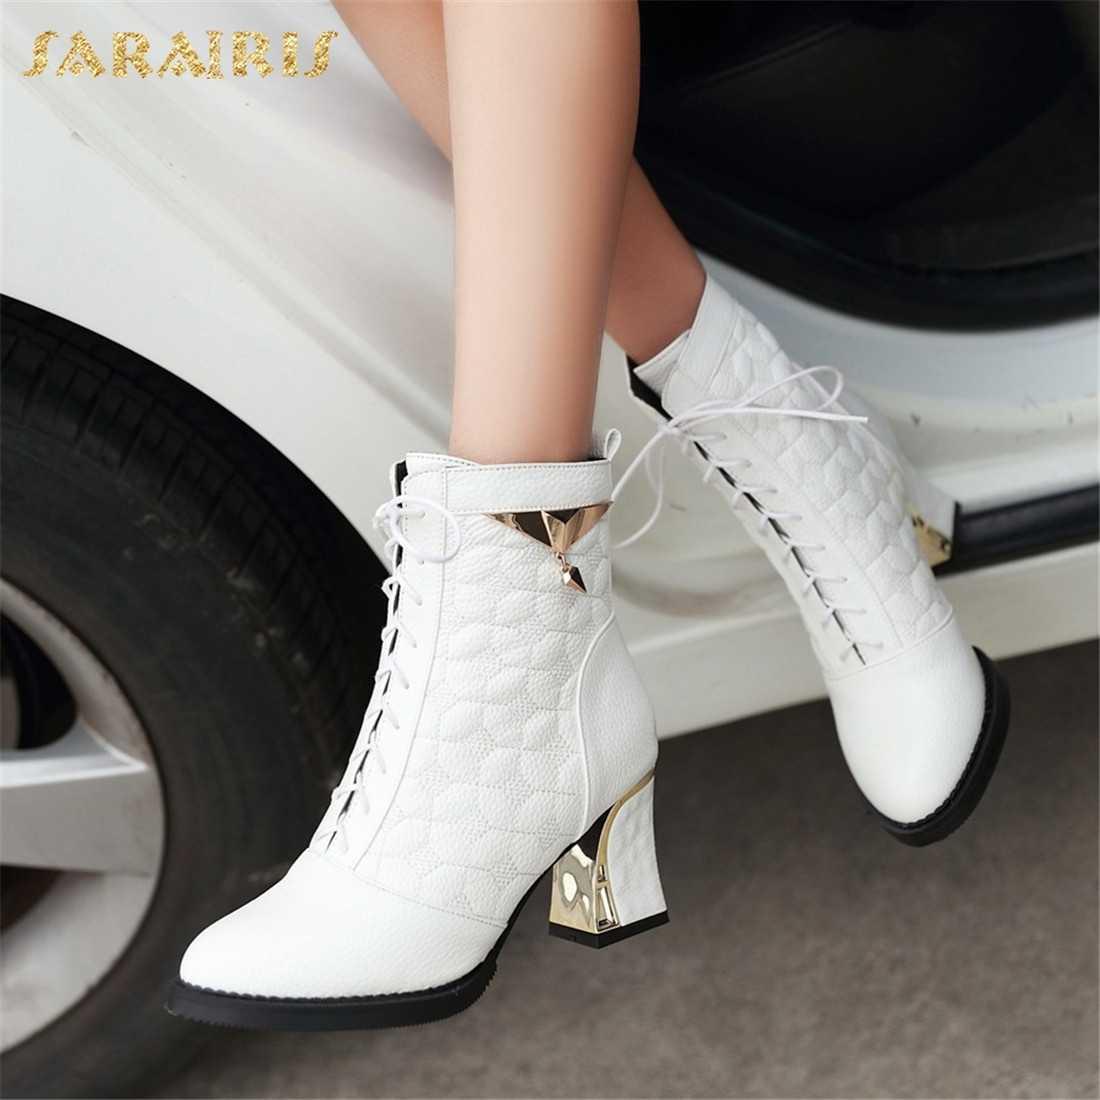 SARAIRIS Artı Boyutu 34-48 Kare Yüksek Topuklu Lace Up Çizmeler Kadın Ayakkabı Sıcak Satış Metal Dekorasyon Ayakkabı Kadın yarım çizmeler